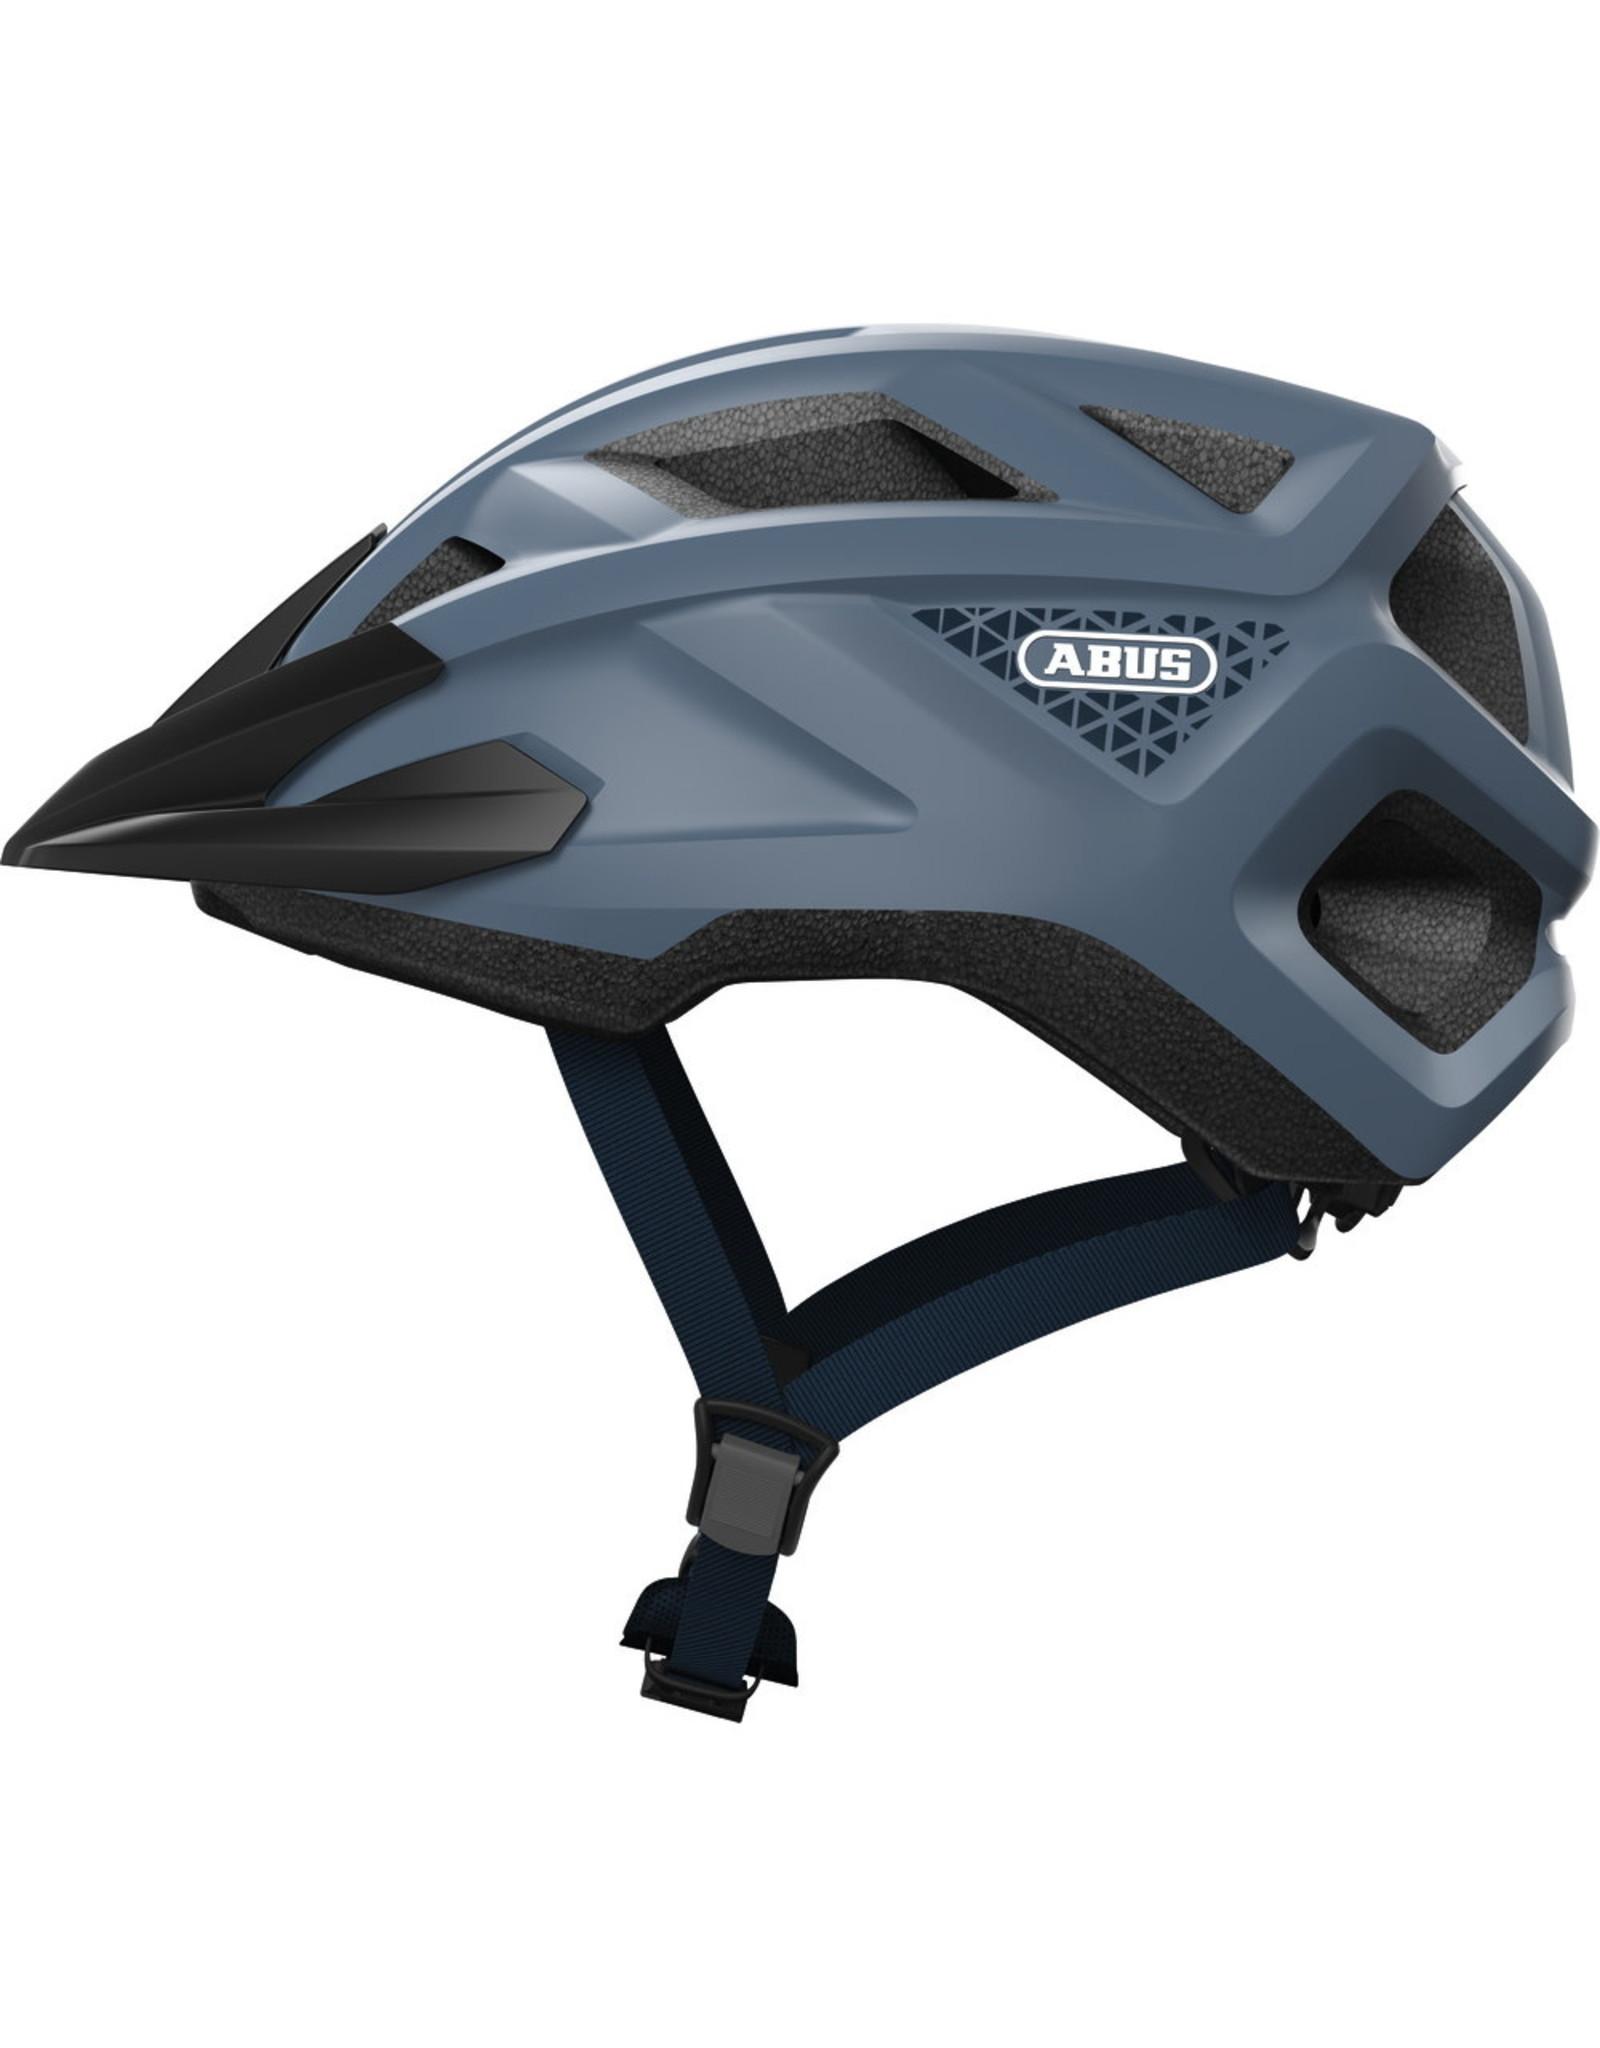 Abus Abus - MountZ, Helmet, Glacier Blue, M, 52 - 57cm